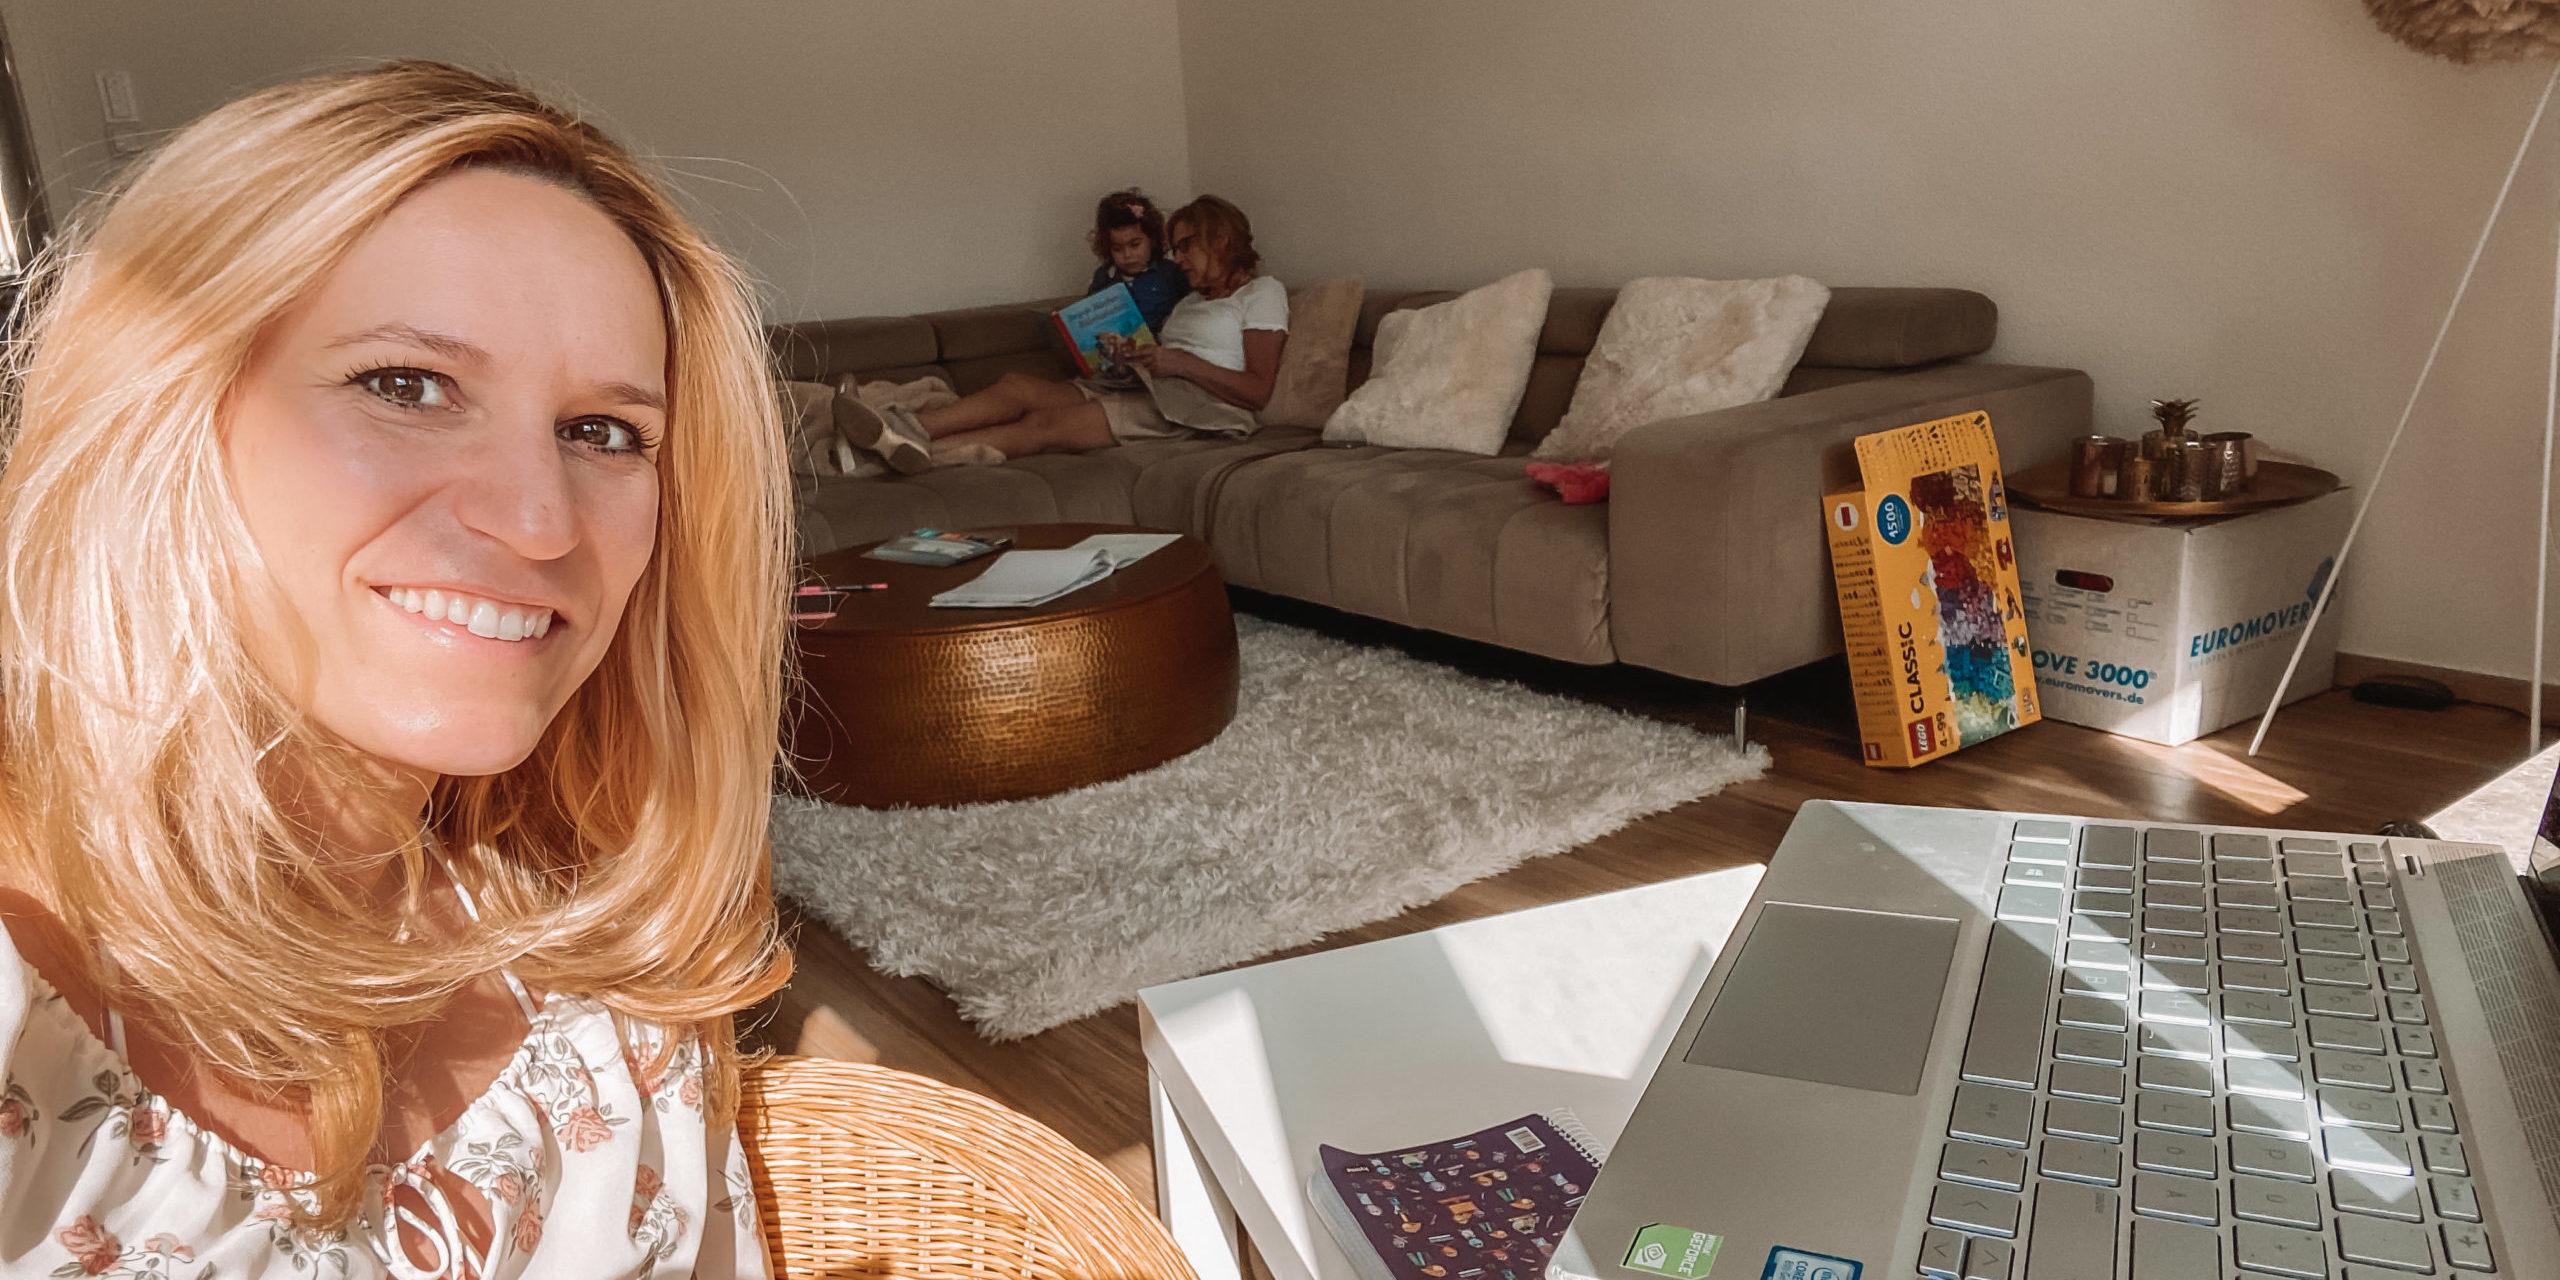 Arbeiten im Homeoffice ist wie arbeiten im Büro, nur (wo)anders